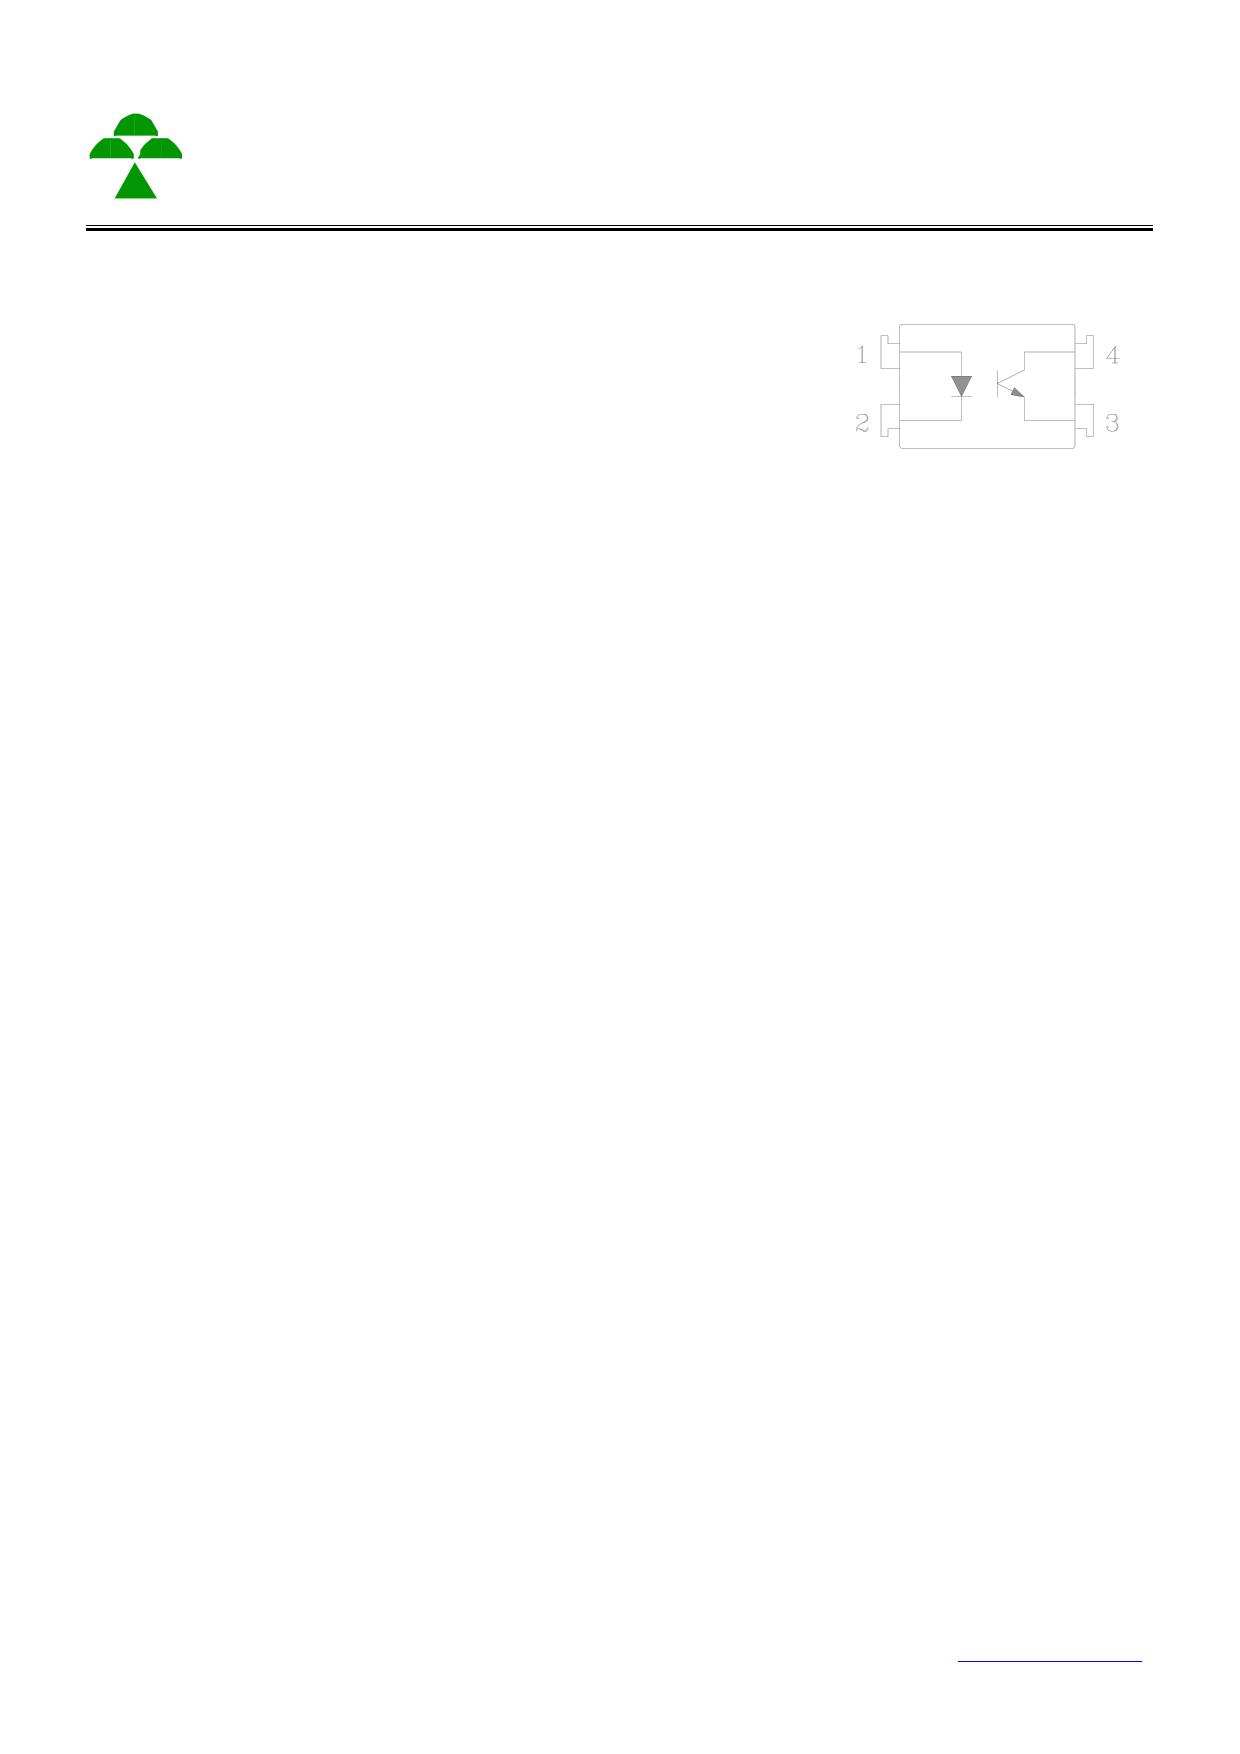 K10106T datasheet